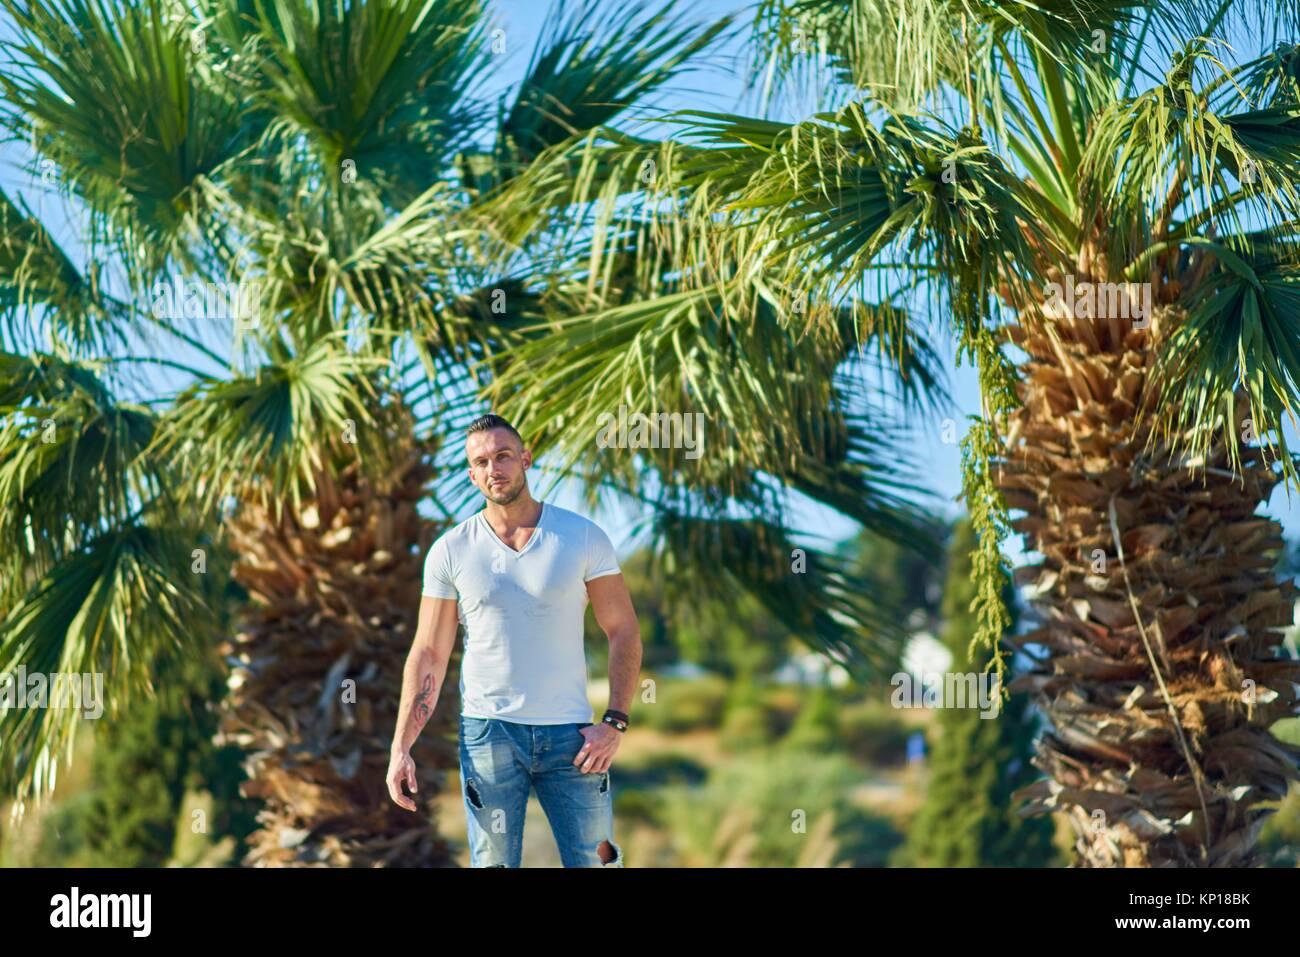 Certain homme musclé entre les palmiers. La moitié grec et moitié anglais à l'origine ethnique. Photo Stock